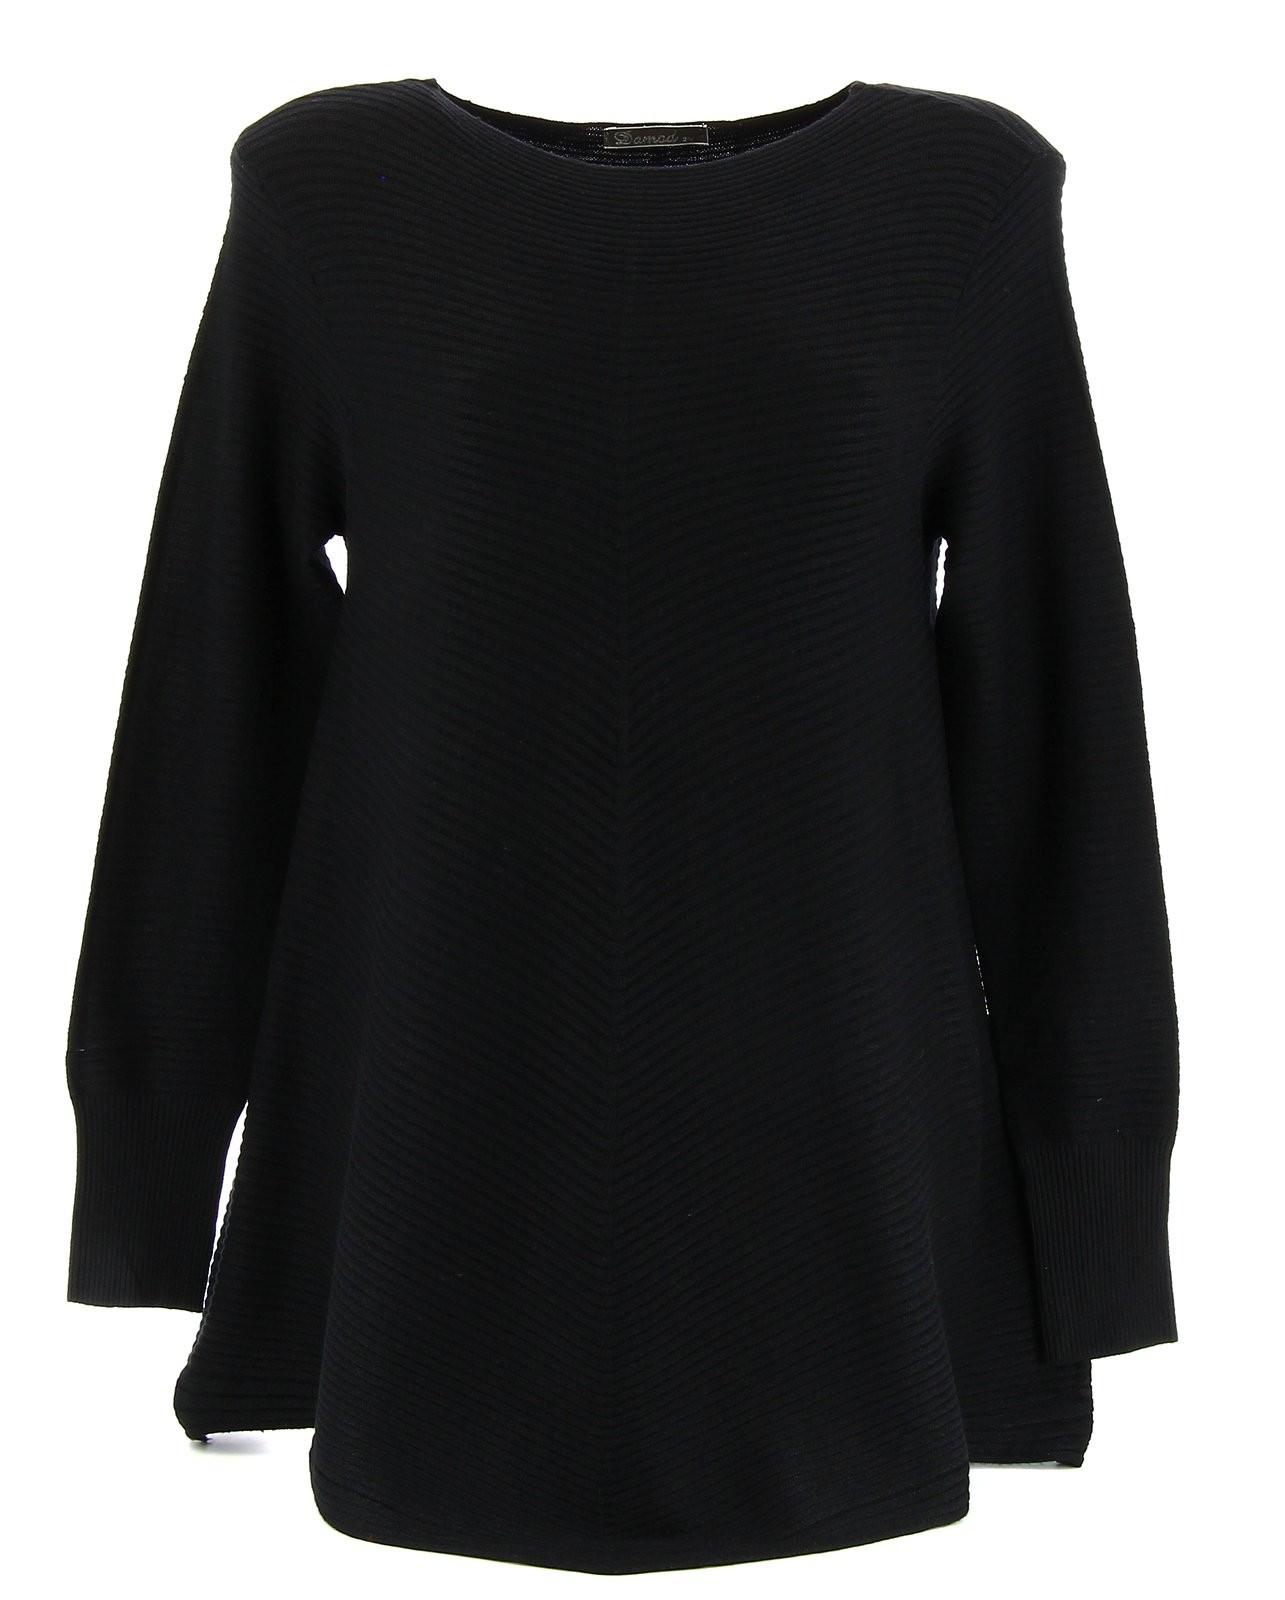 le dernier 19211 b4350 Pull noir laine femme gilet marron femme | Arts4a